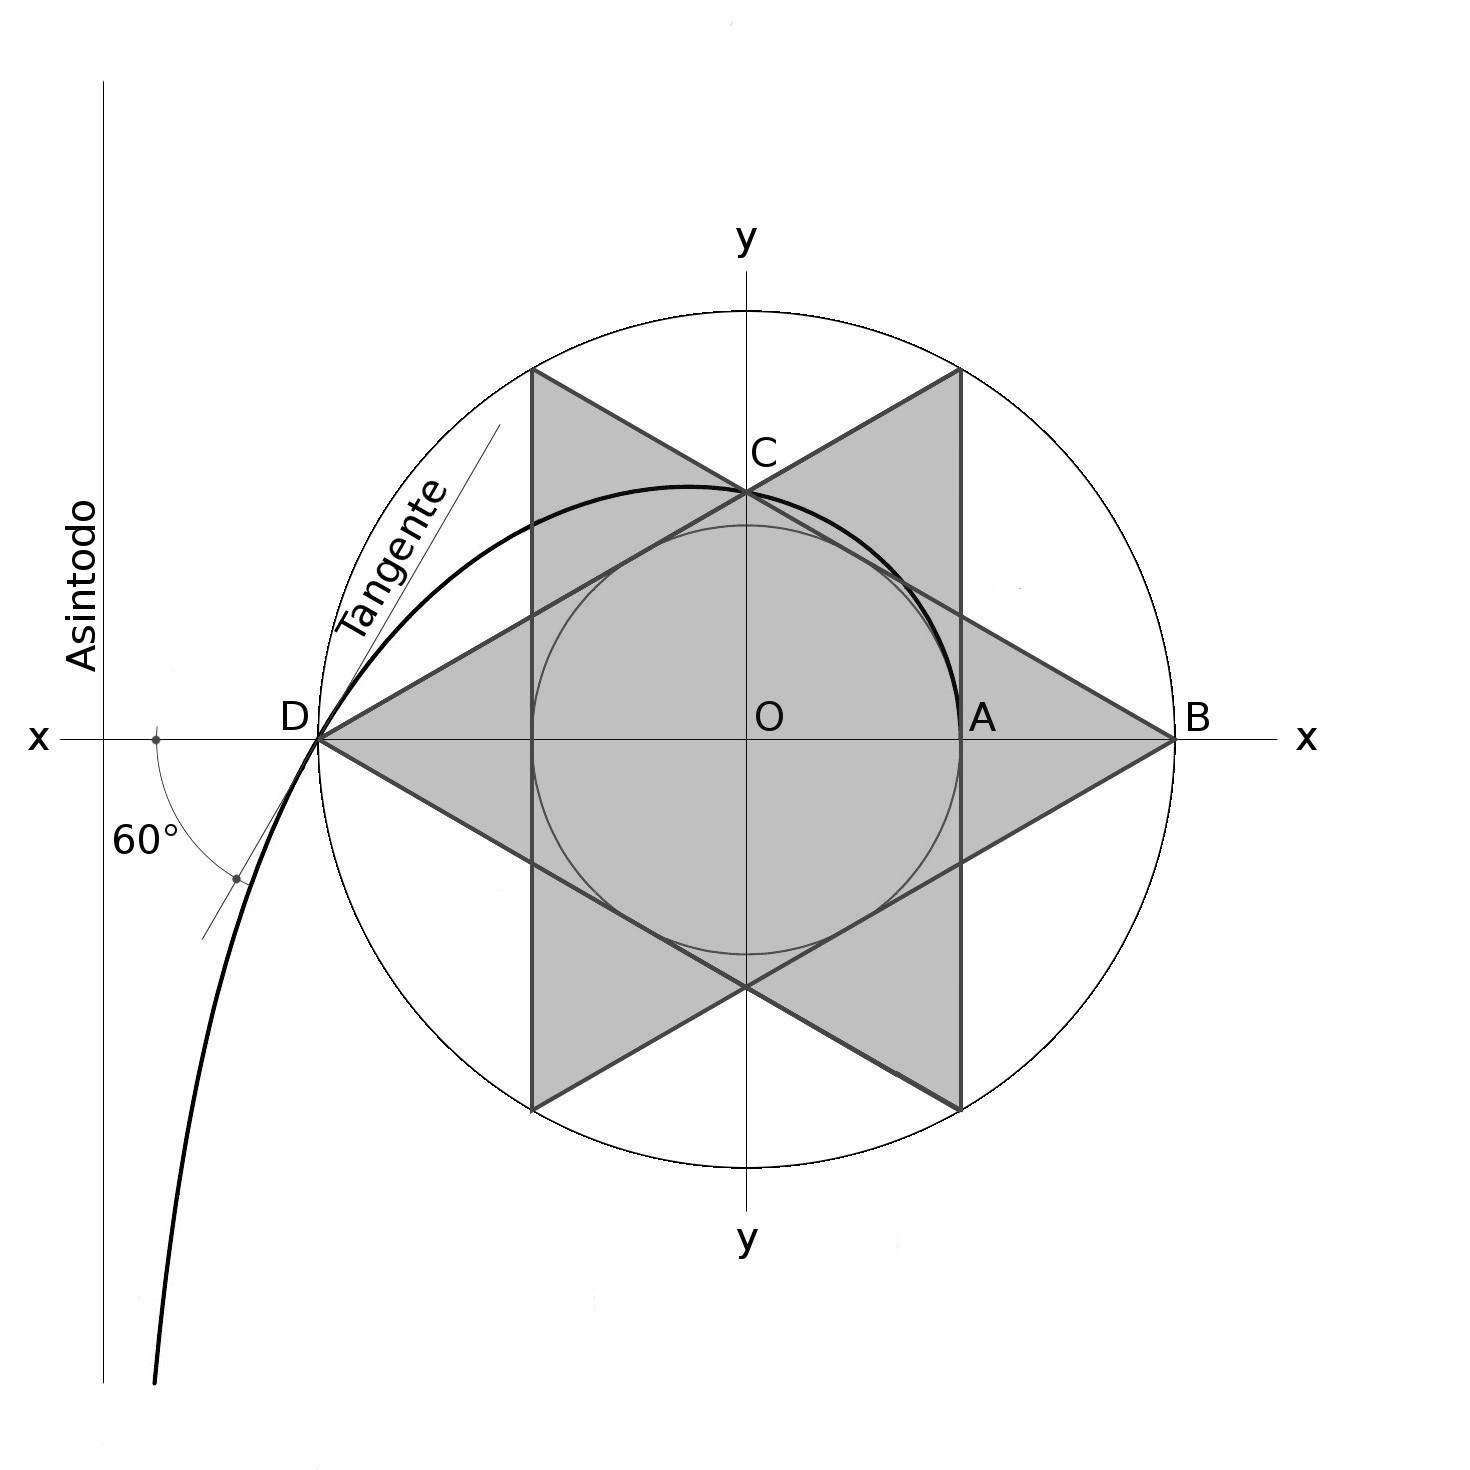 La matematica ha radici che toccano l'Infinito 1